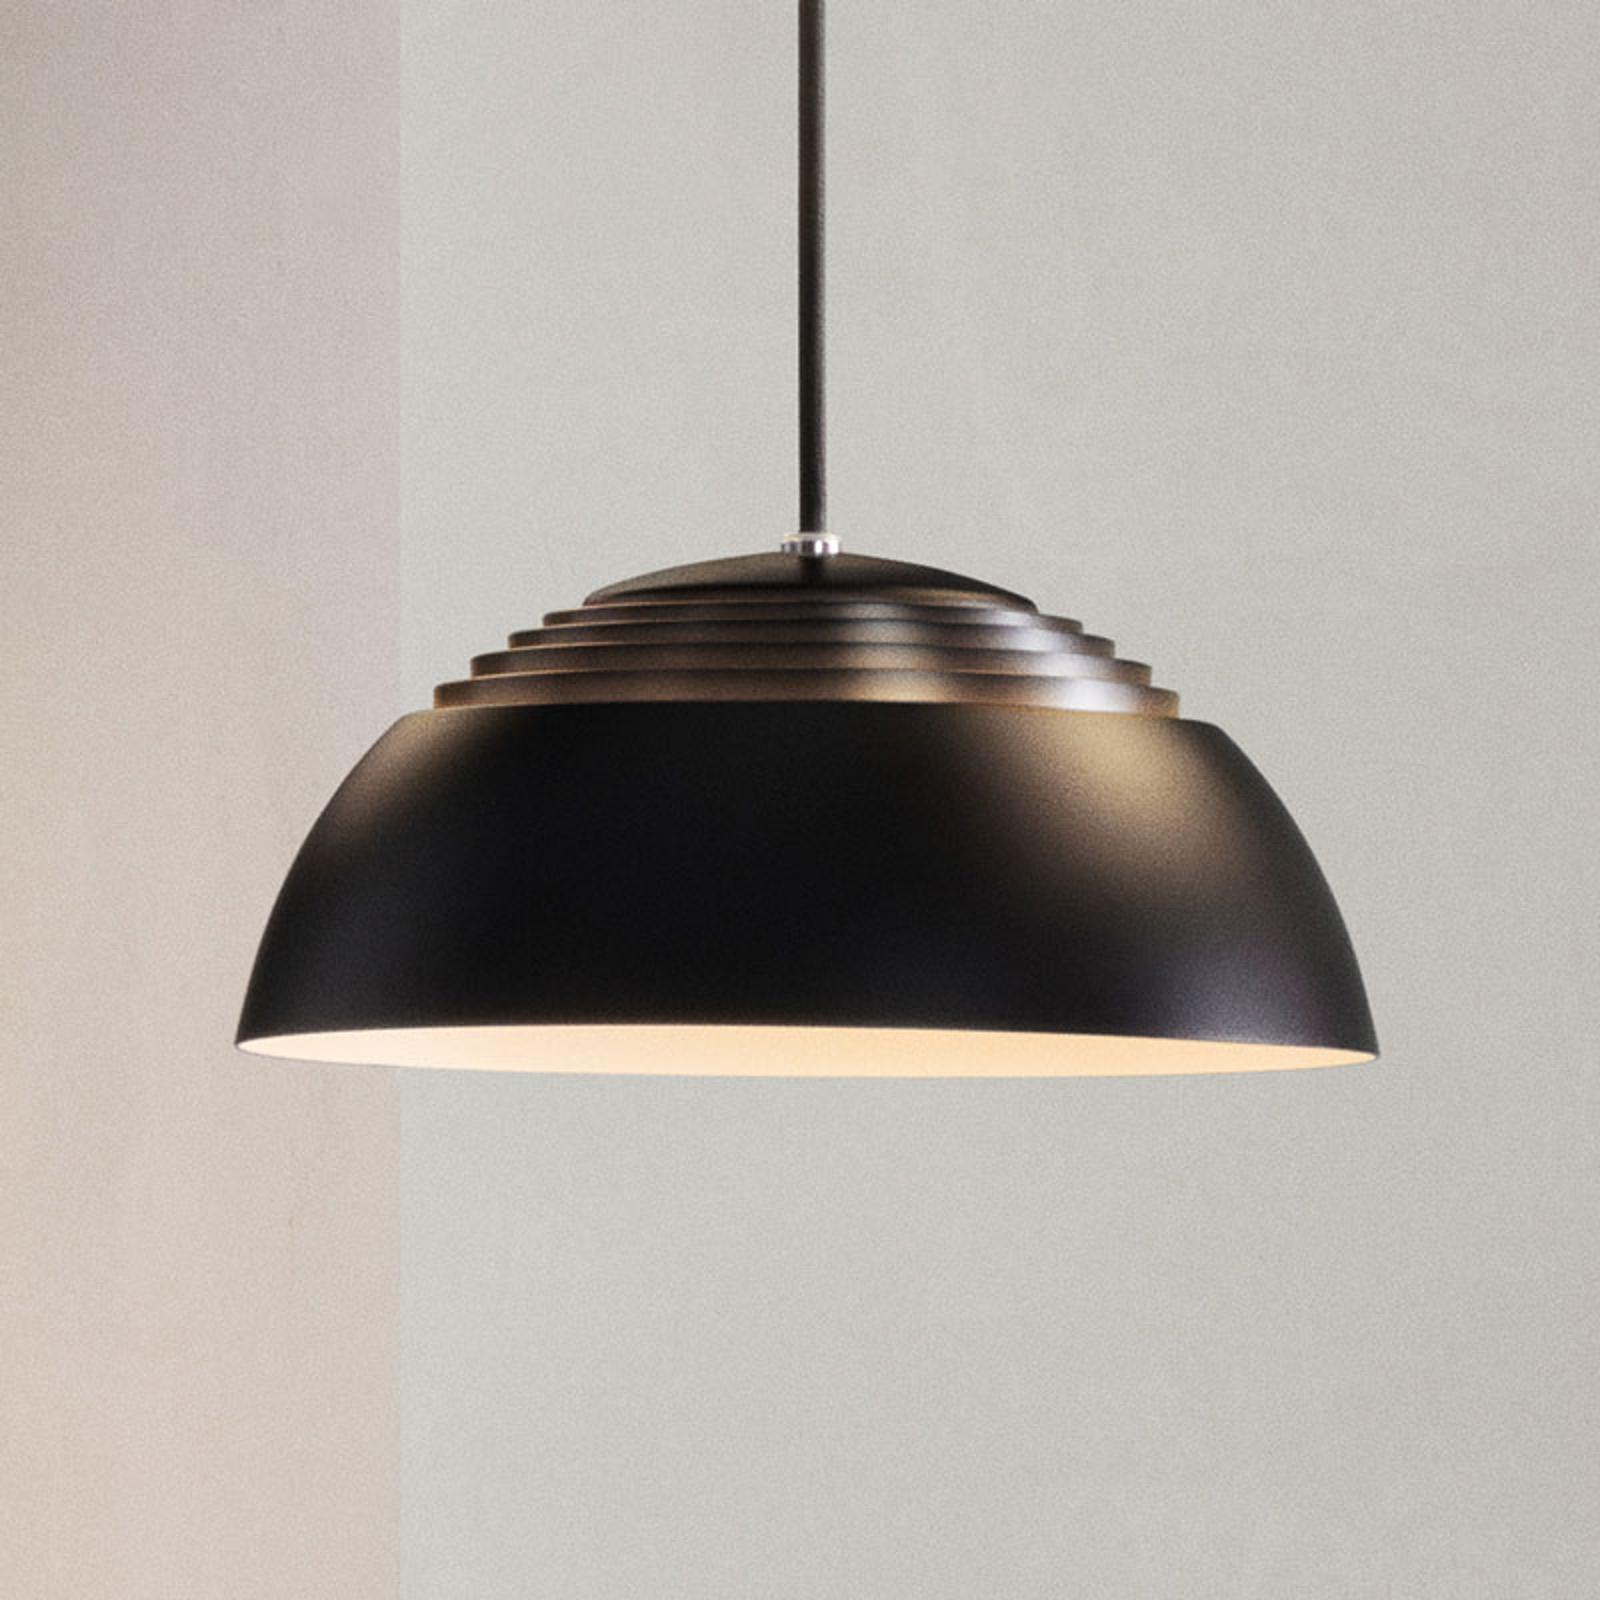 Louis Poulsen AJ Royal LED-Hängelampe 25cm schwarz